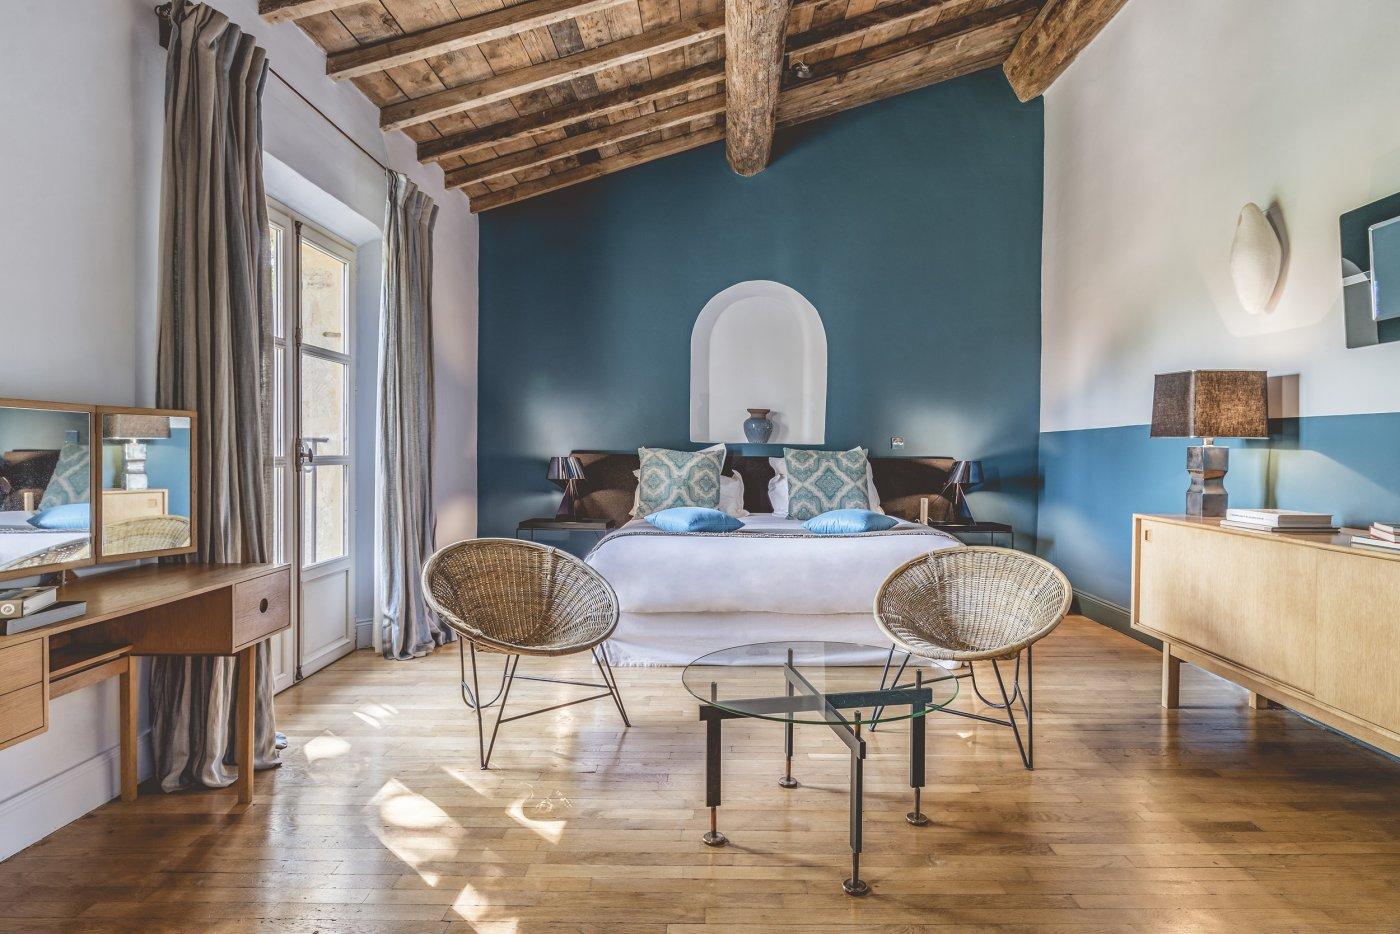 hotels-et-hebergements-hameau-des-baux-a-paradou